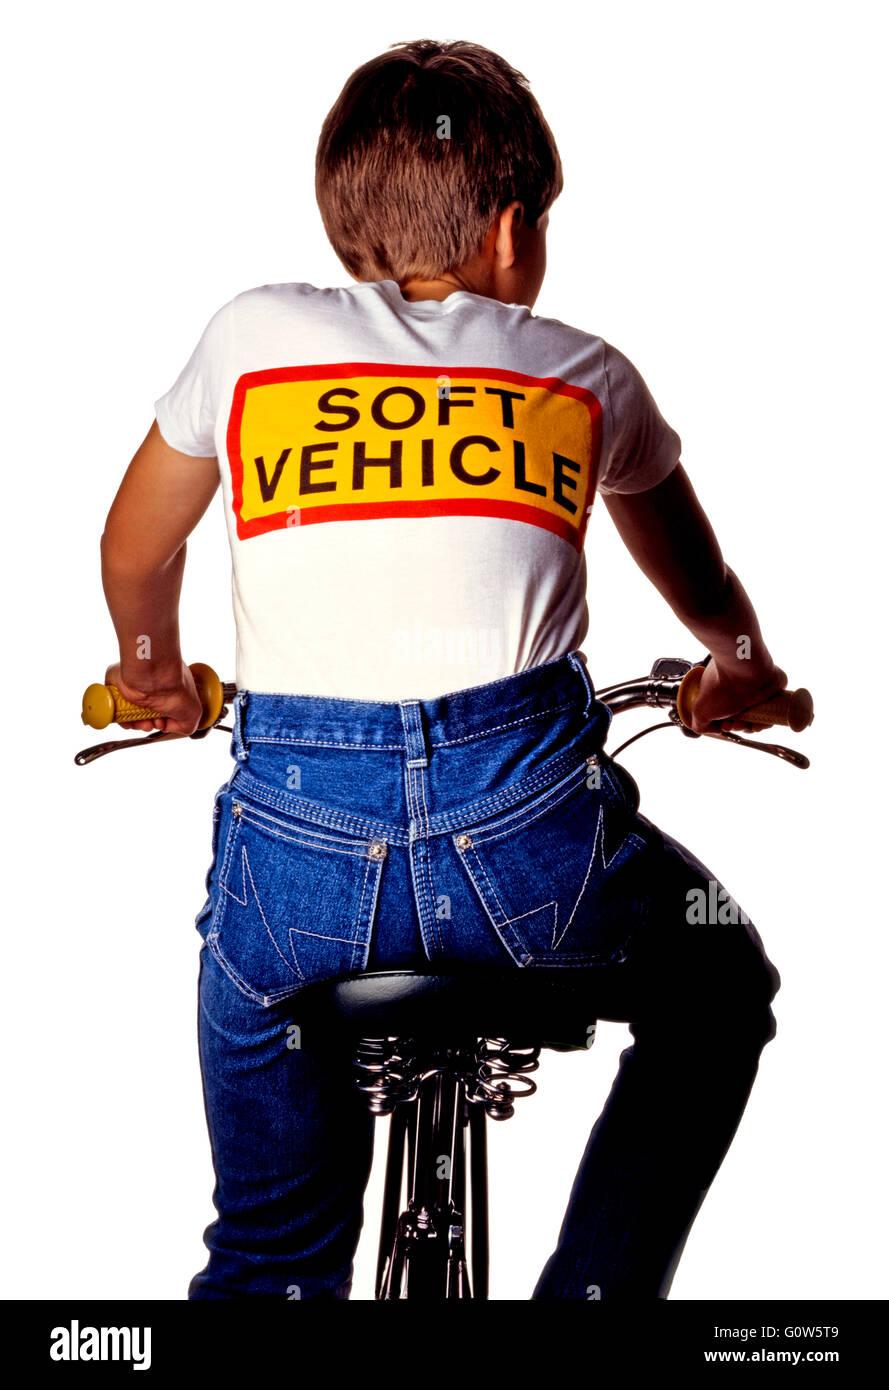 Vehículo suave BOY EN BICICLETA Imagen De Stock